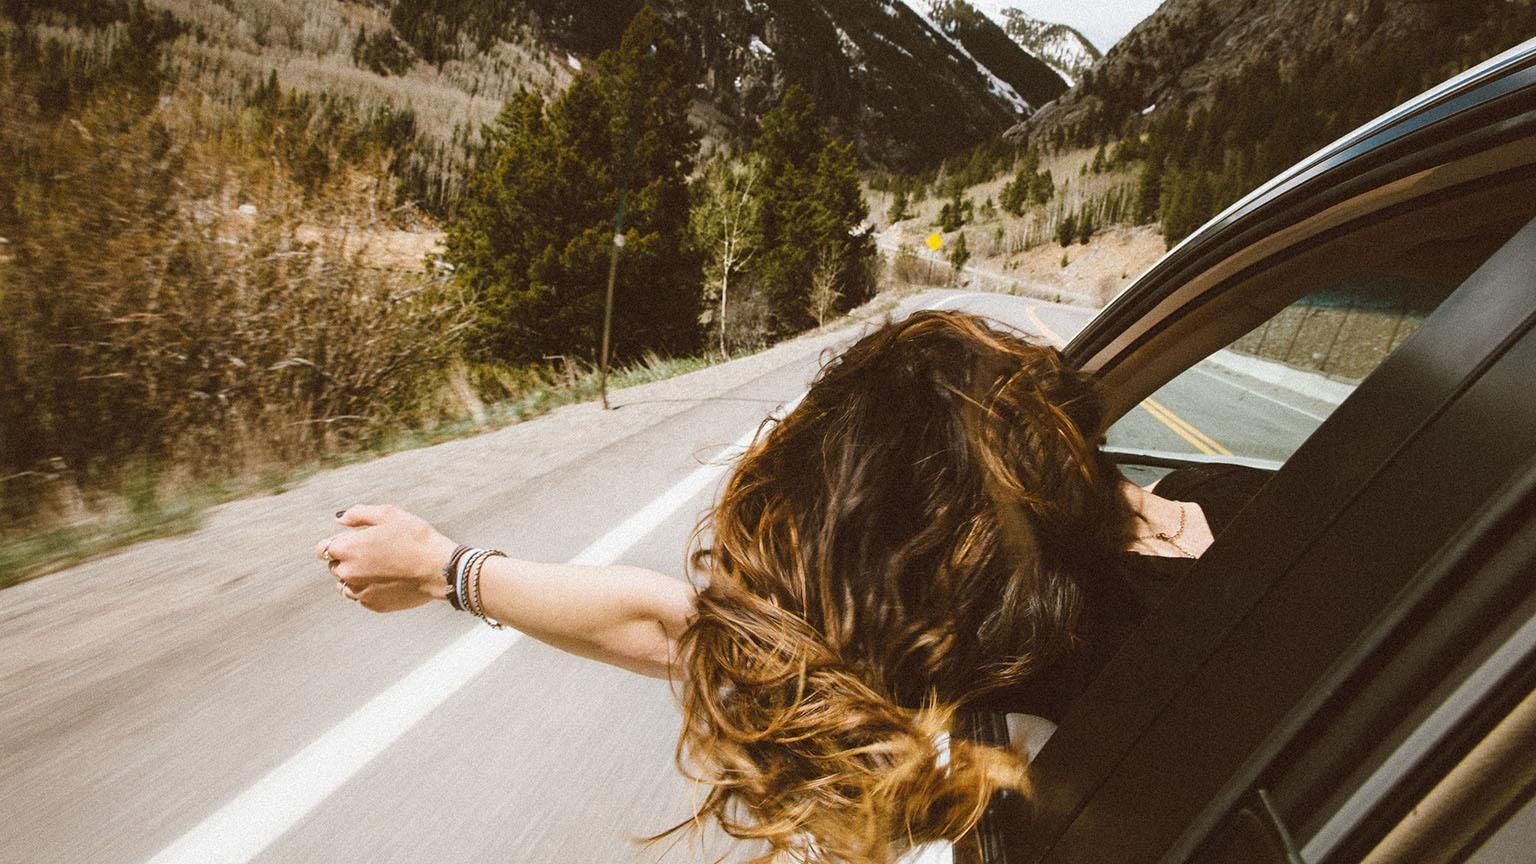 Woman enjoying ride